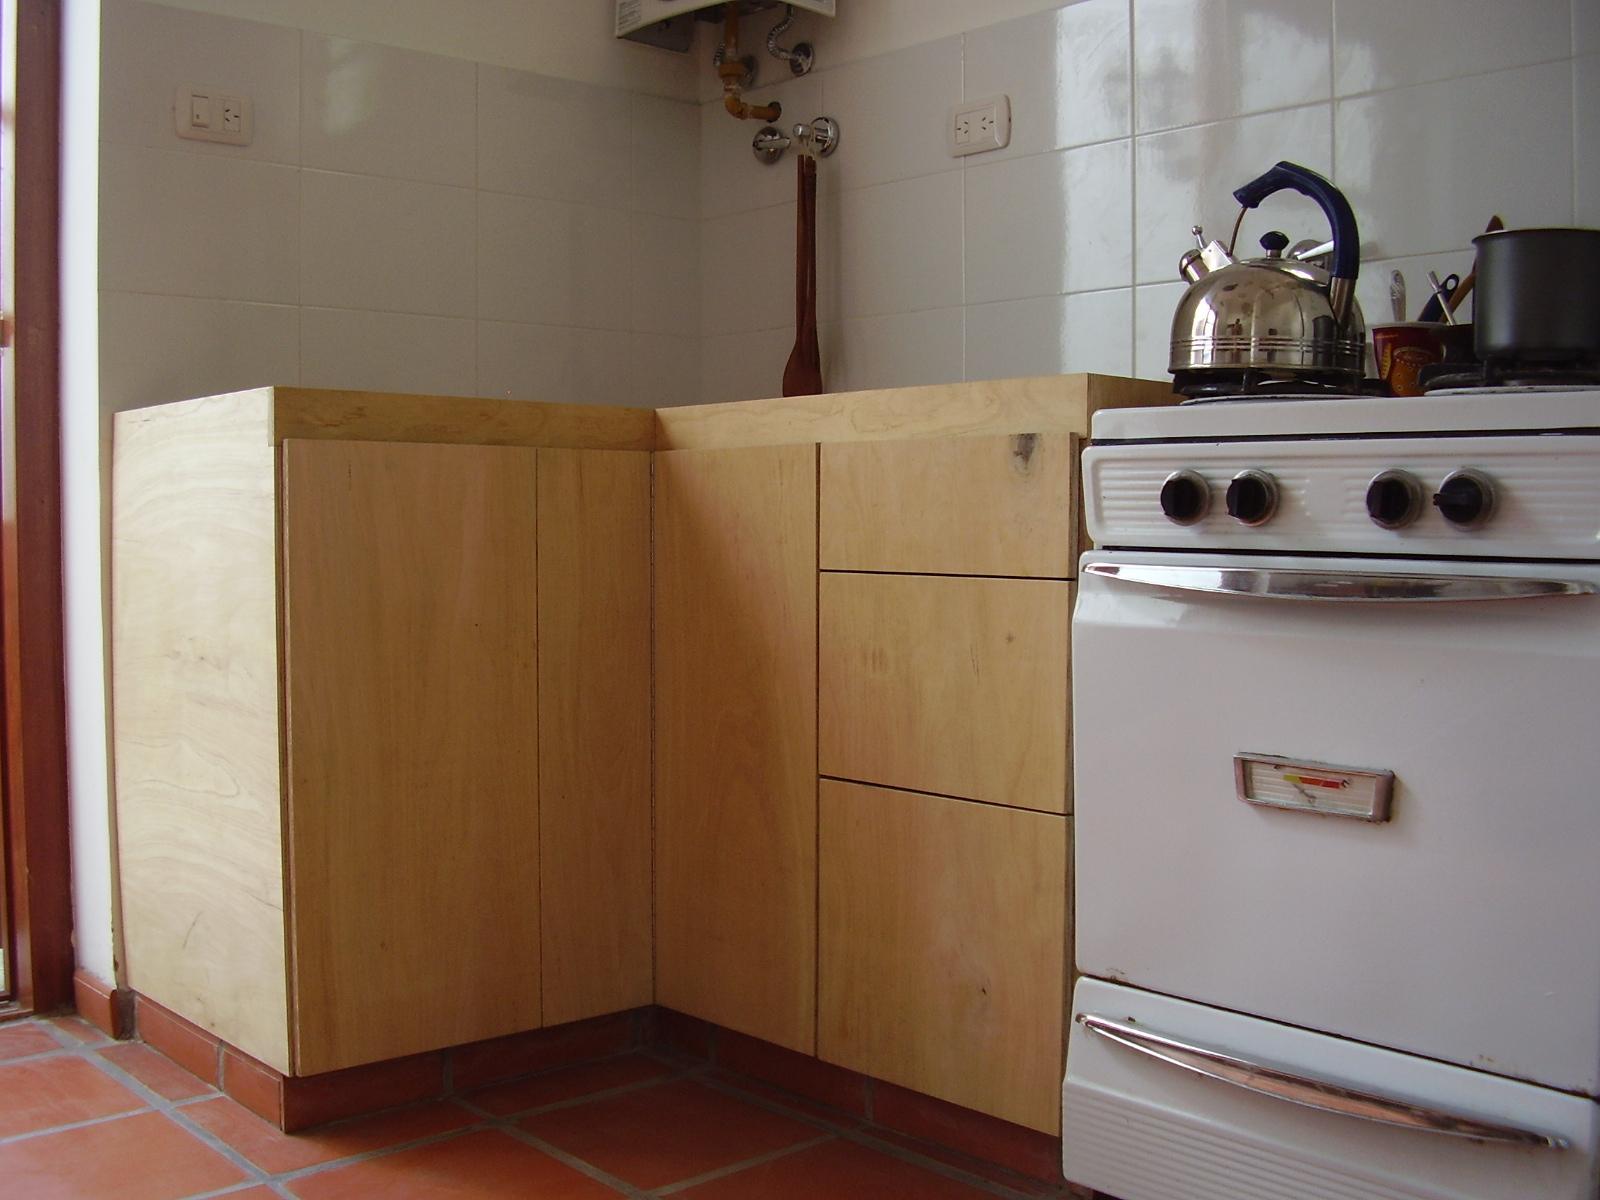 Muebles sensibles en madera bajo mesada fen lico for Tipos de granito para mesada